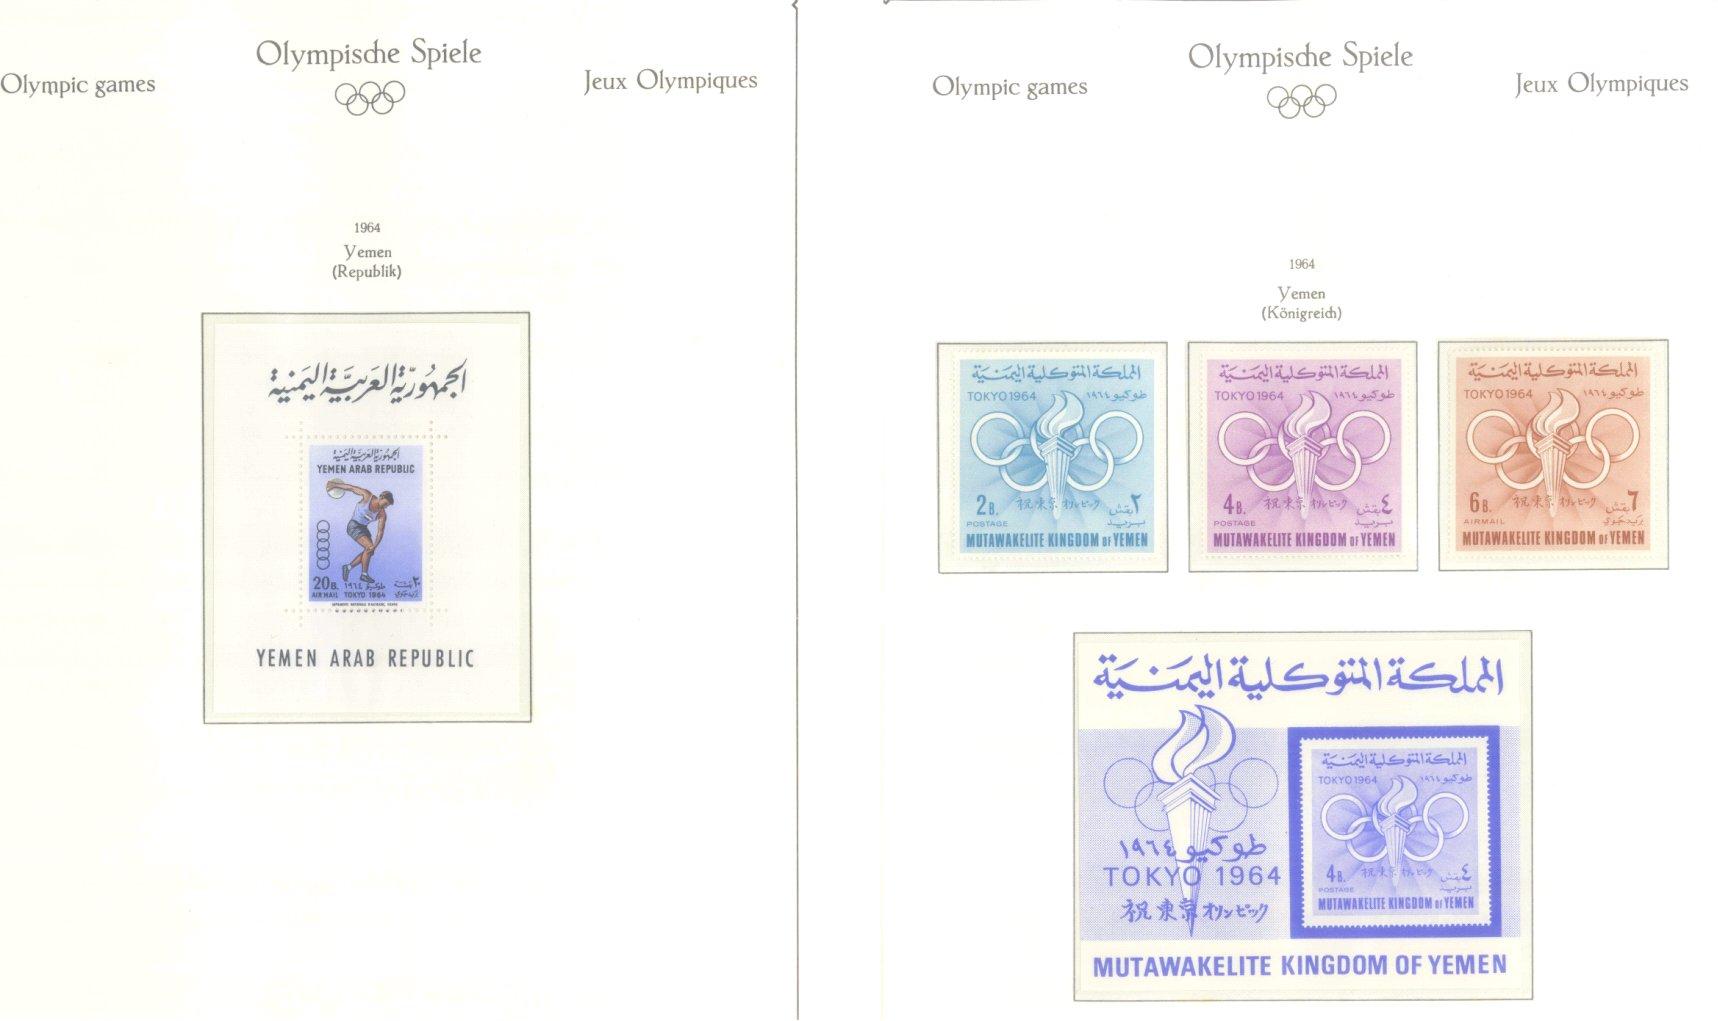 OLYMPISCHE SPIELE 1964 TOKIO, postfrische Sammlung Teil 2-60